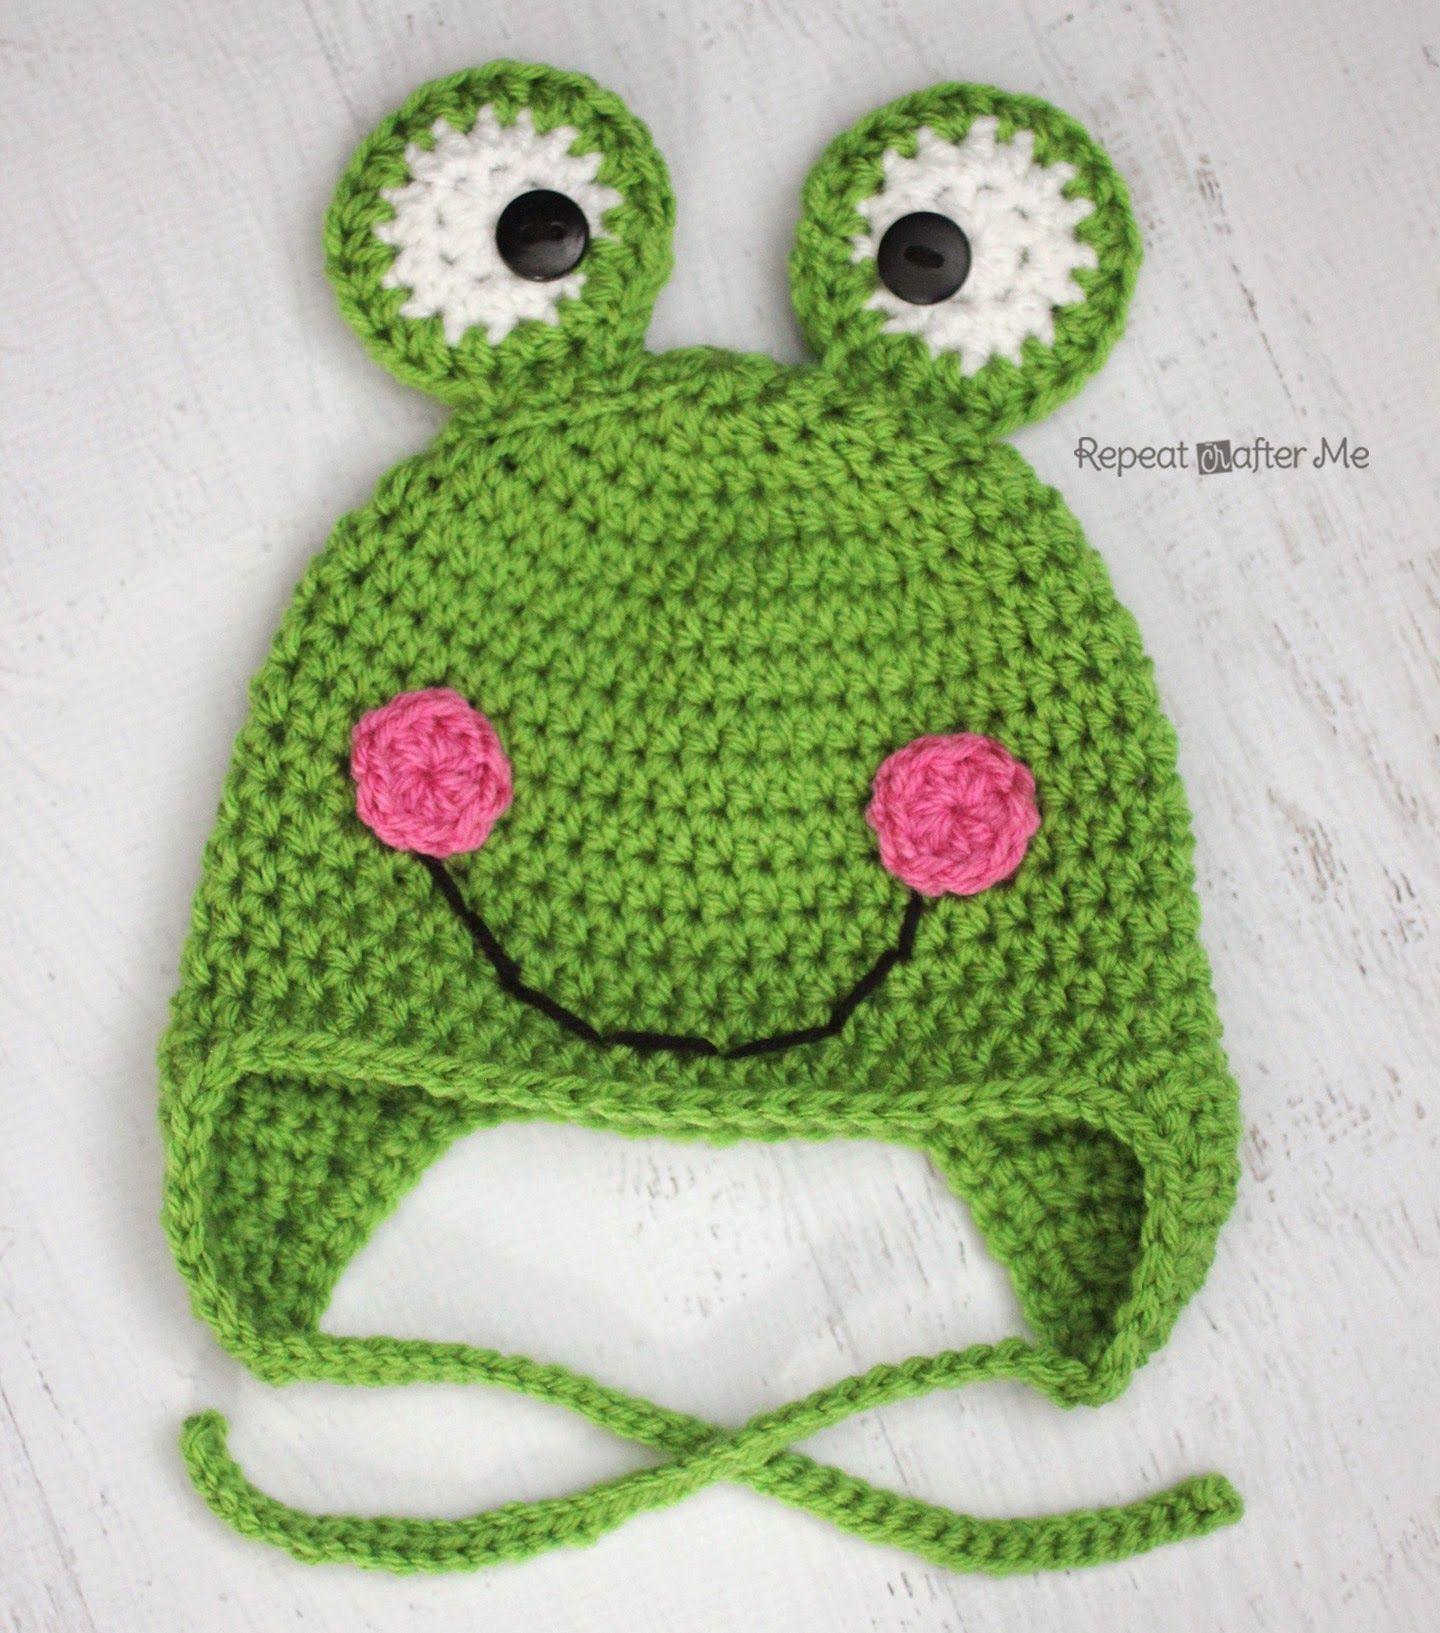 Crochet Frog Hat Pattern | Pinterest | Crochet frog, Frogs and Crochet